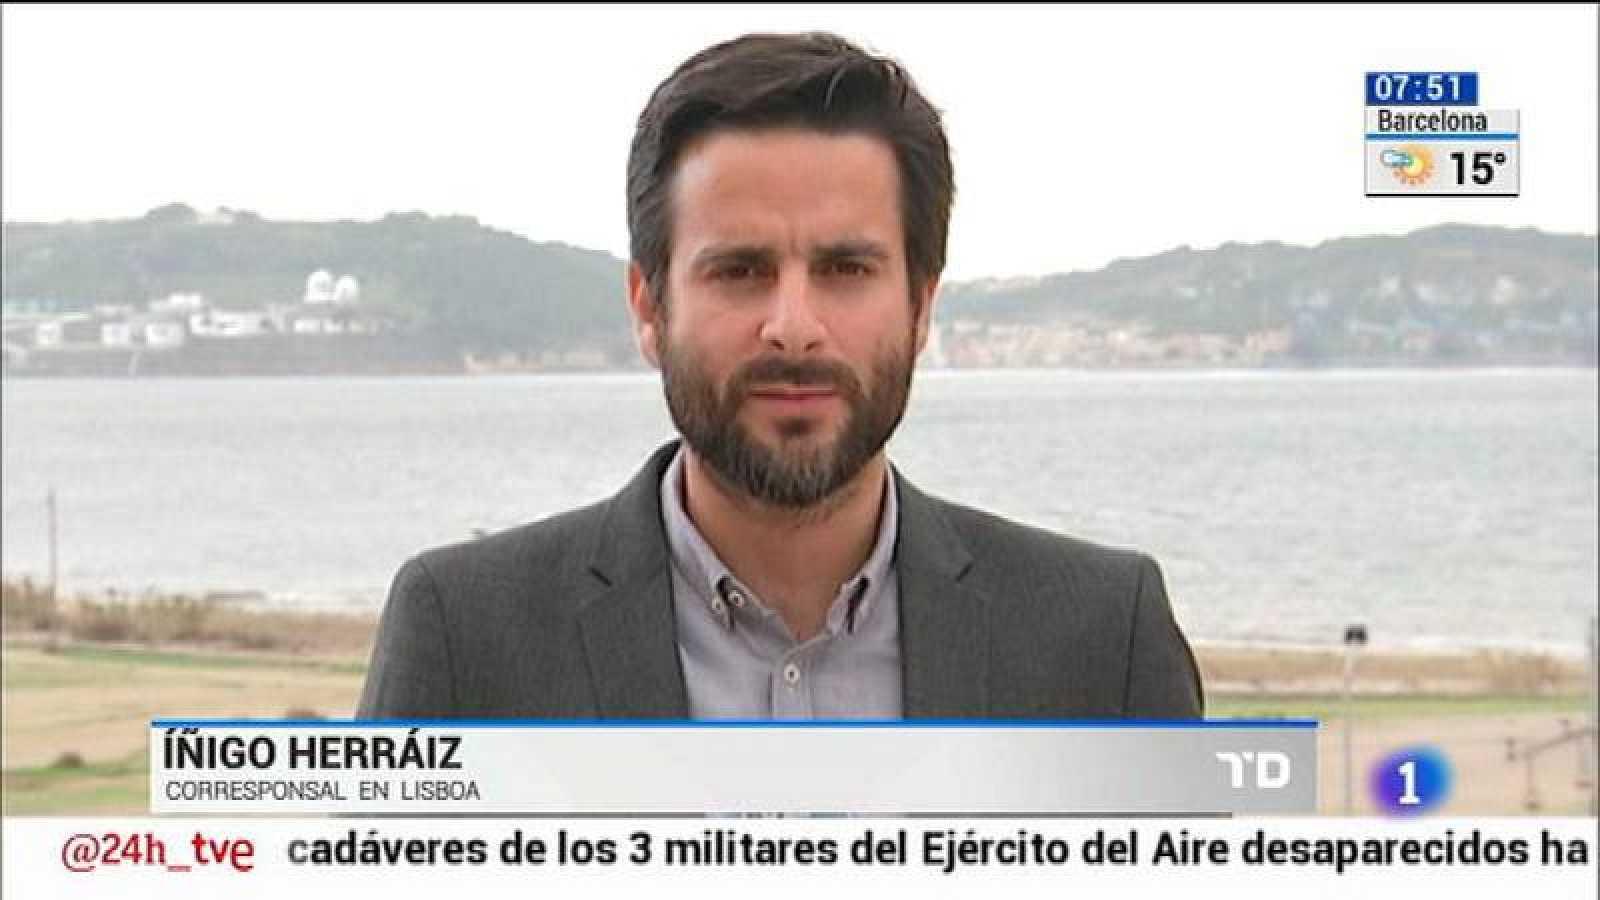 Iñigo Herráiz Gómez